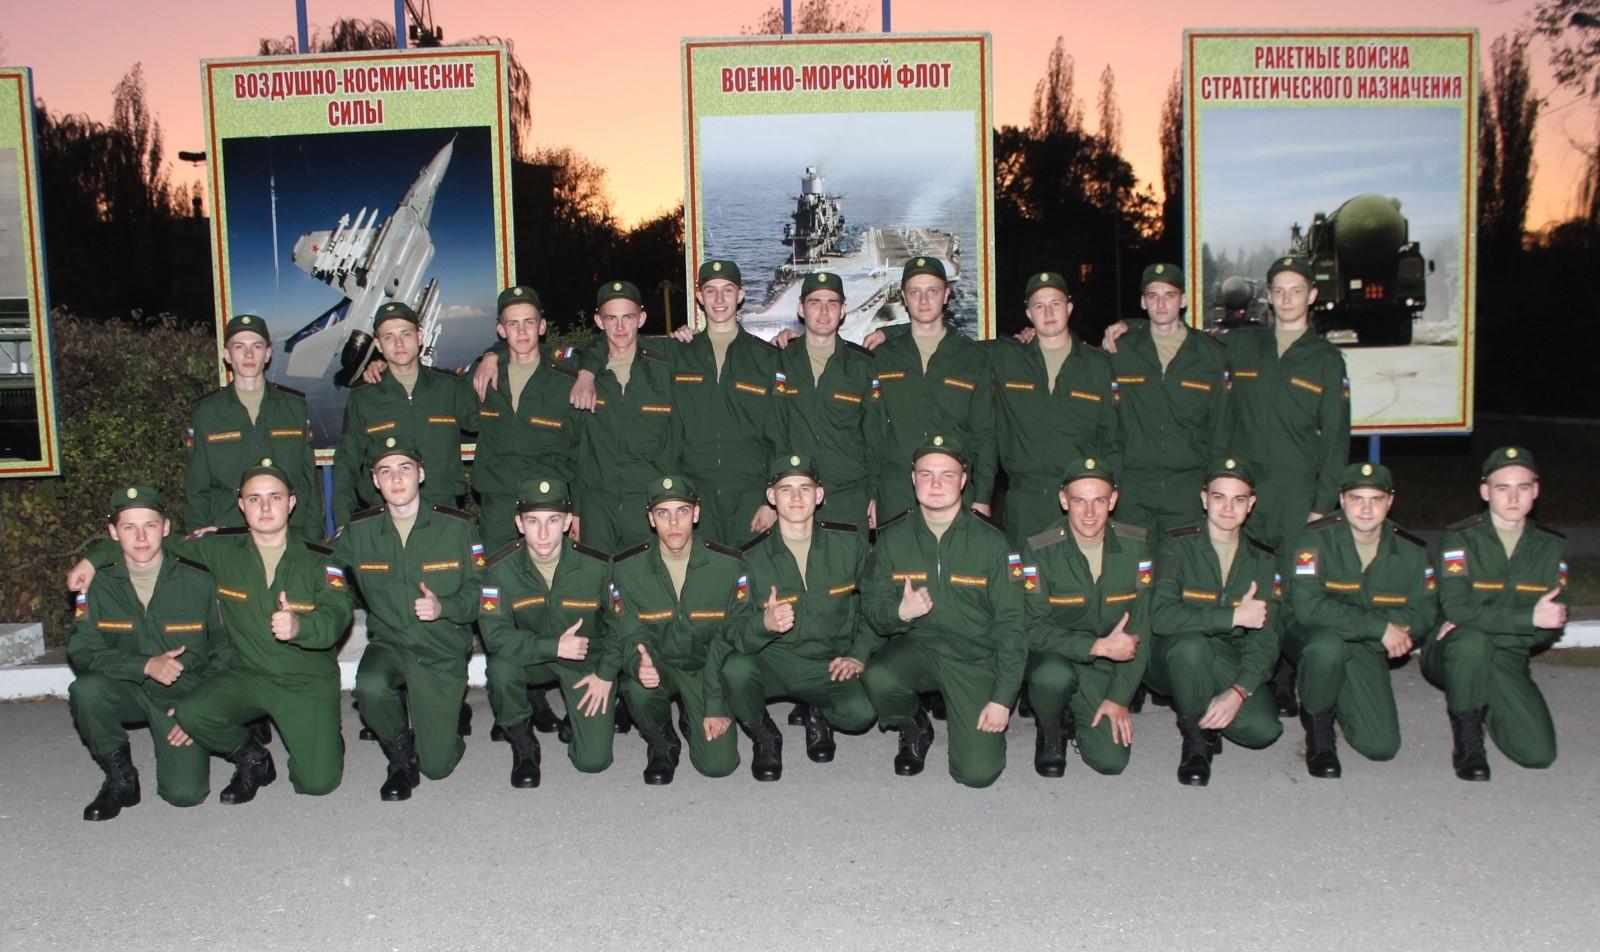 Ростовская область выполнила план призыва на срочную службу